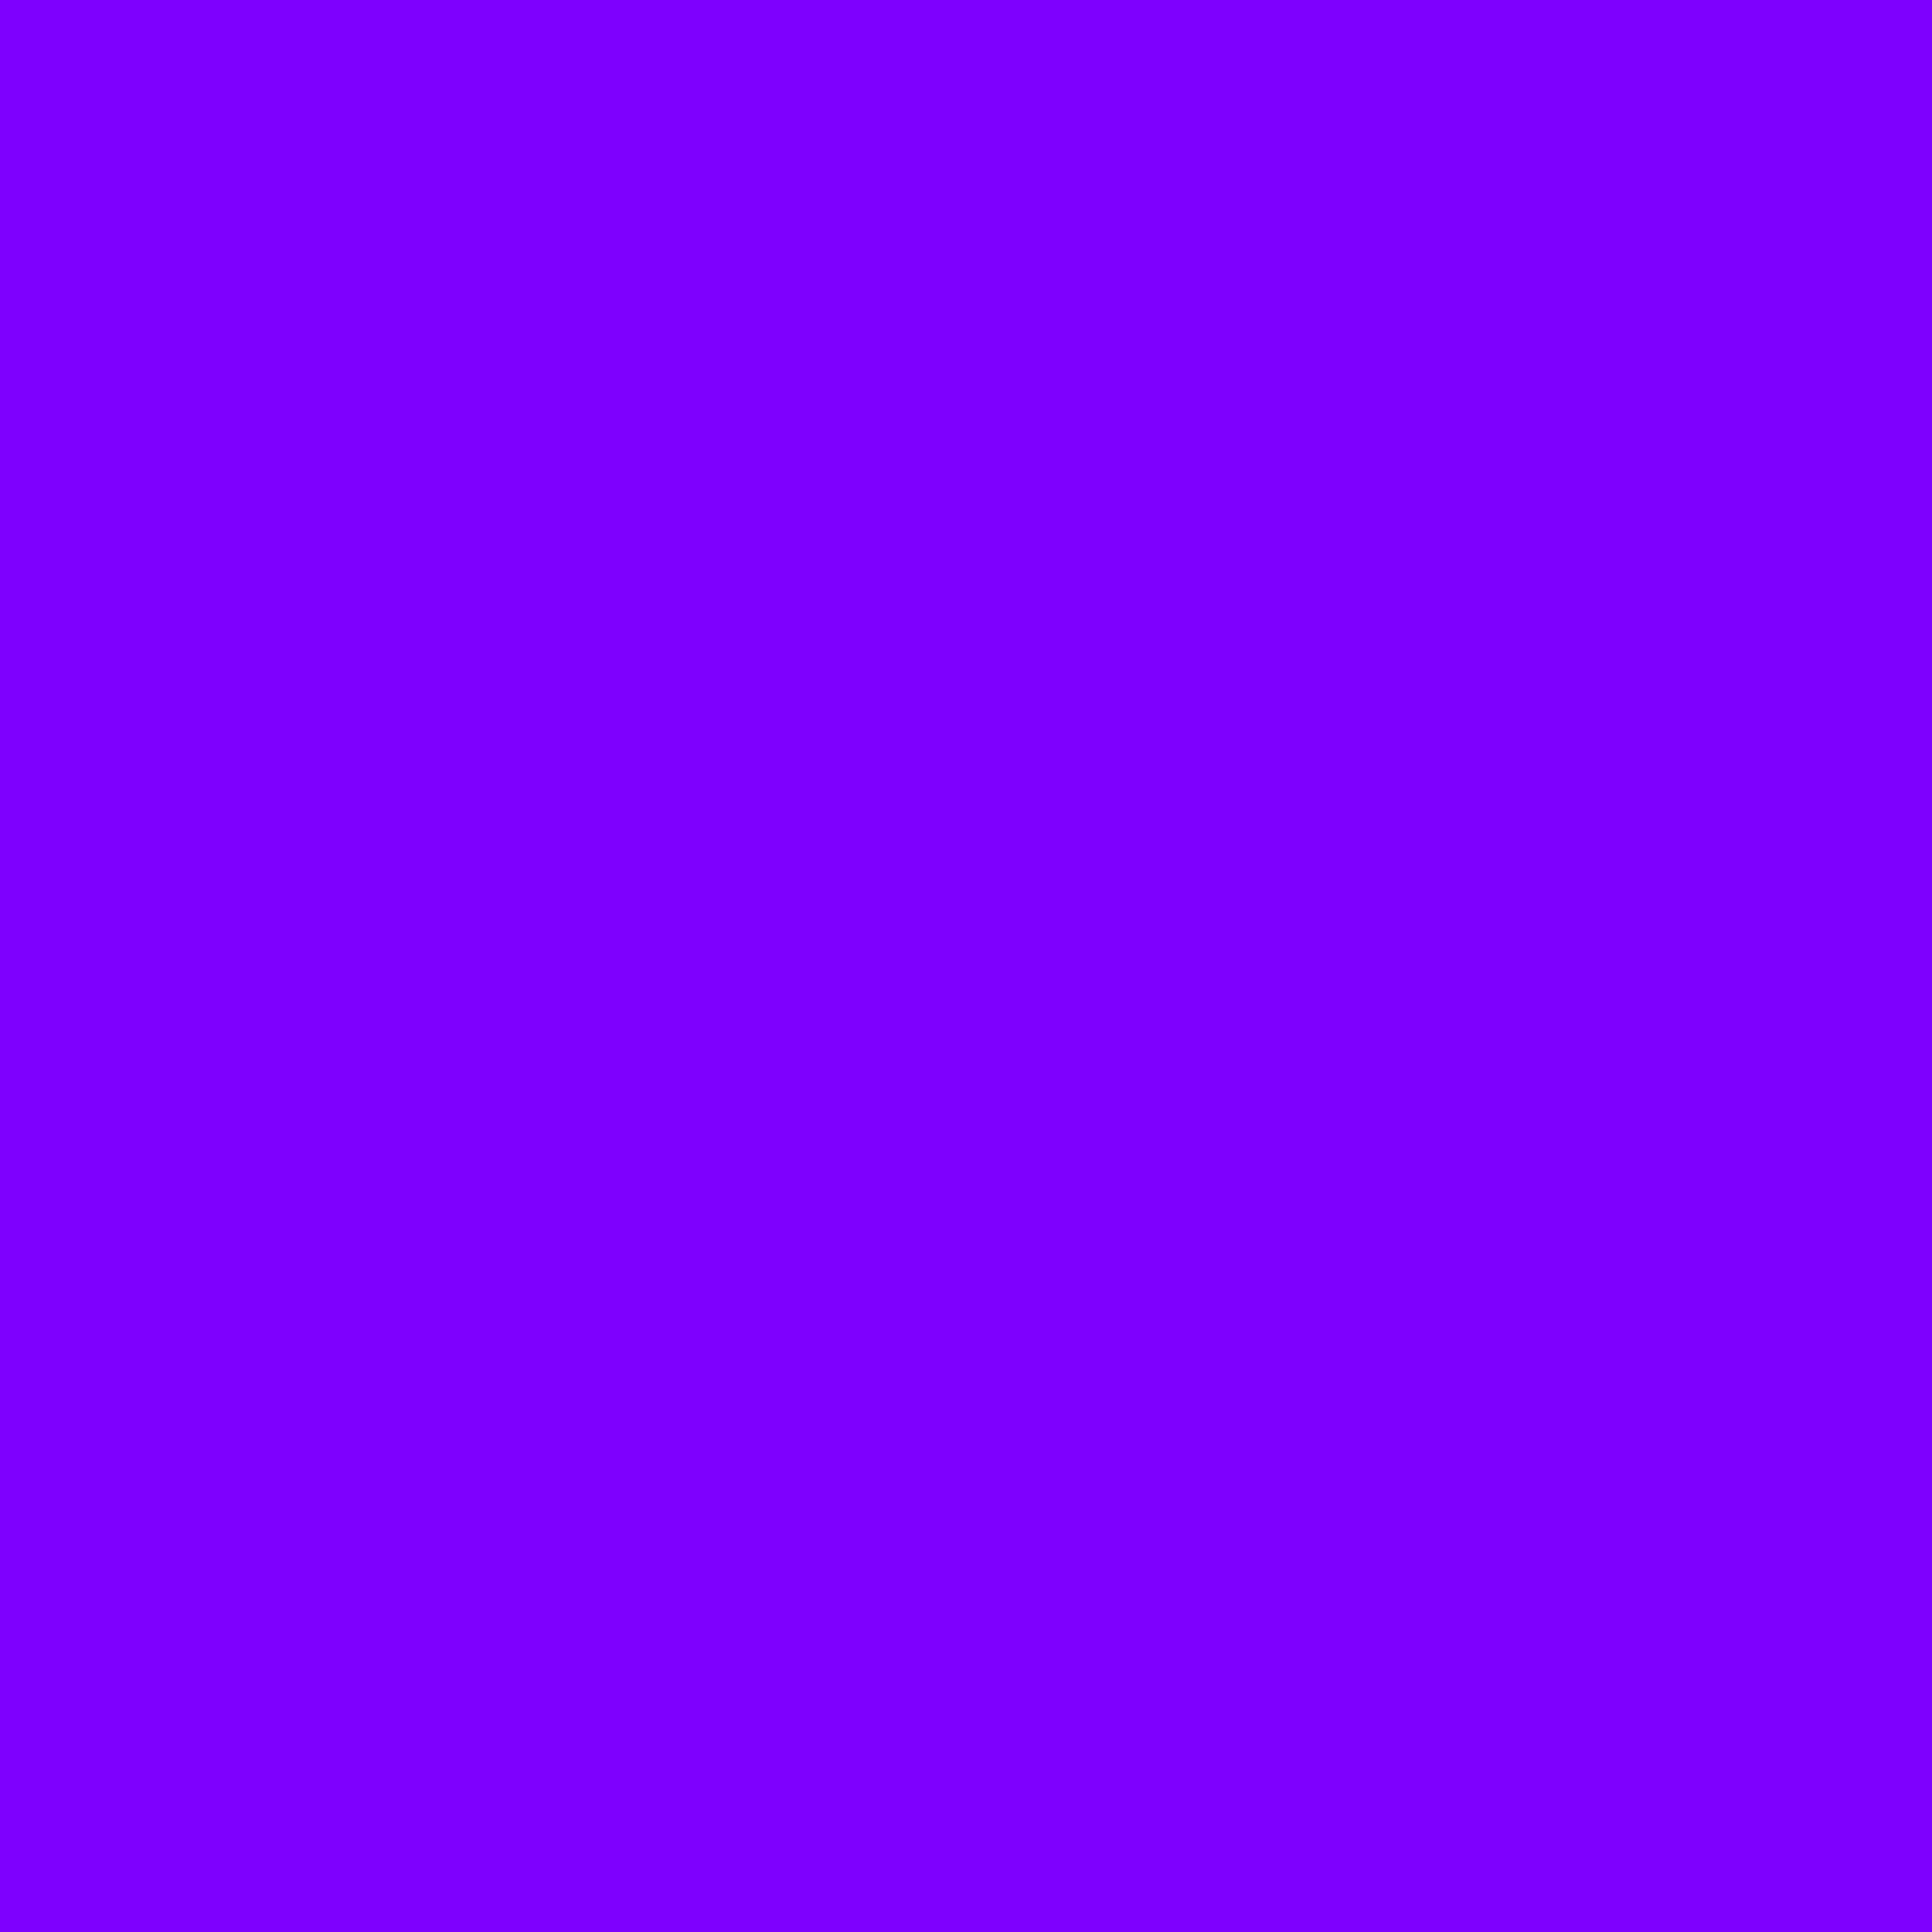 2048x2048 Violet Color Wheel Solid Color Background